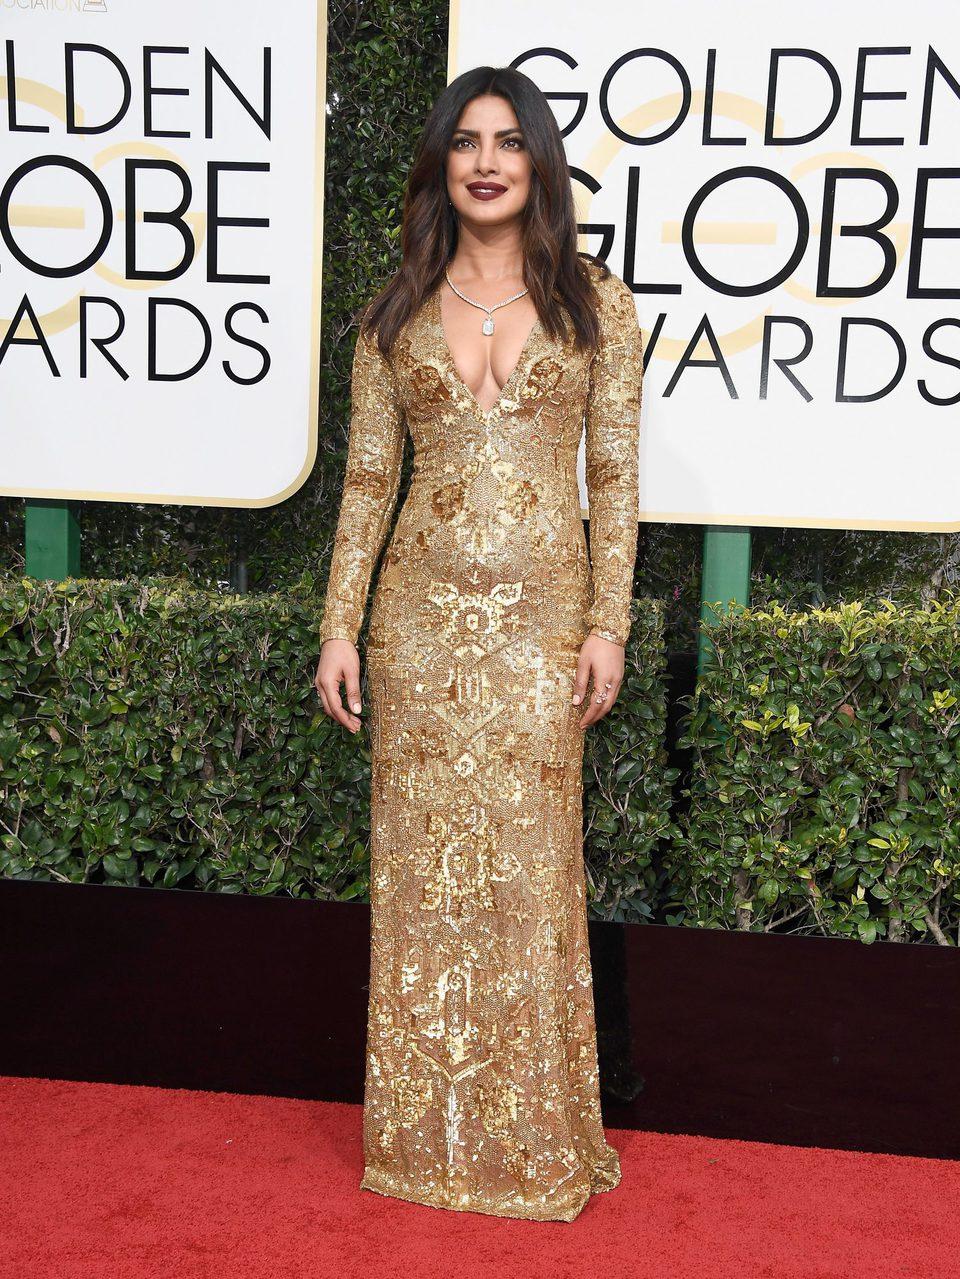 Priyanka Chopra at Golden Globes 2017 red carpet